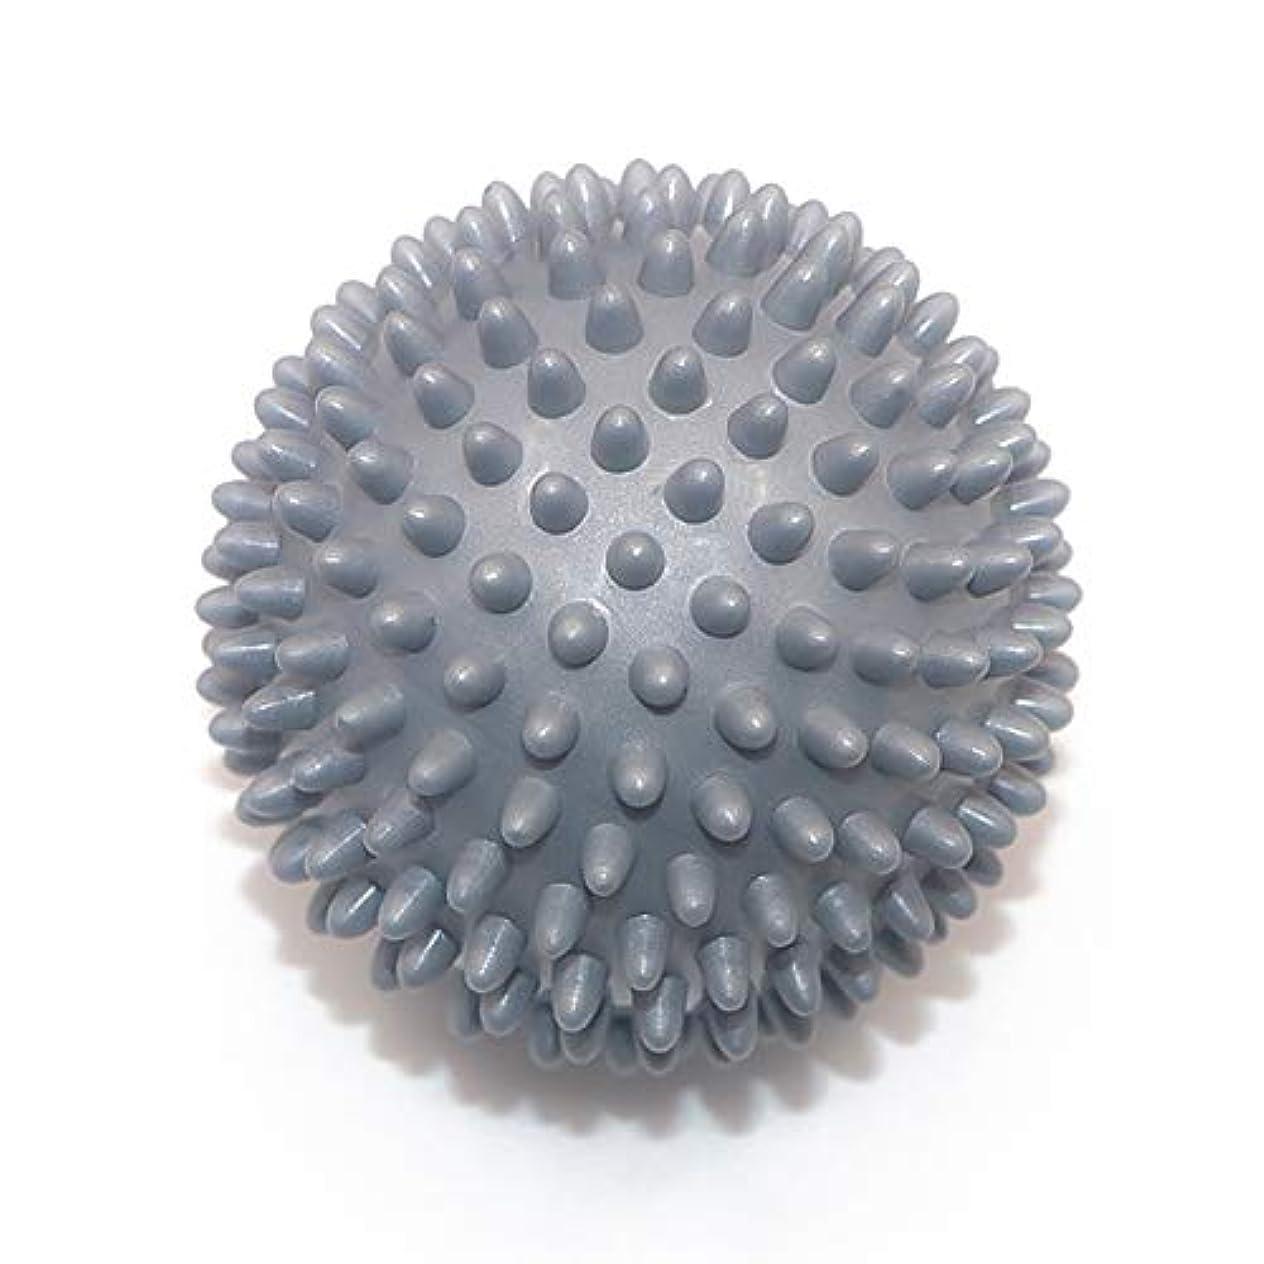 フォーラムモーションジョージバーナードLiti マッサージボール リハビリ 触覚ボール リフレクションボール 筋膜リリース リハビリ マッサージ用 グレー